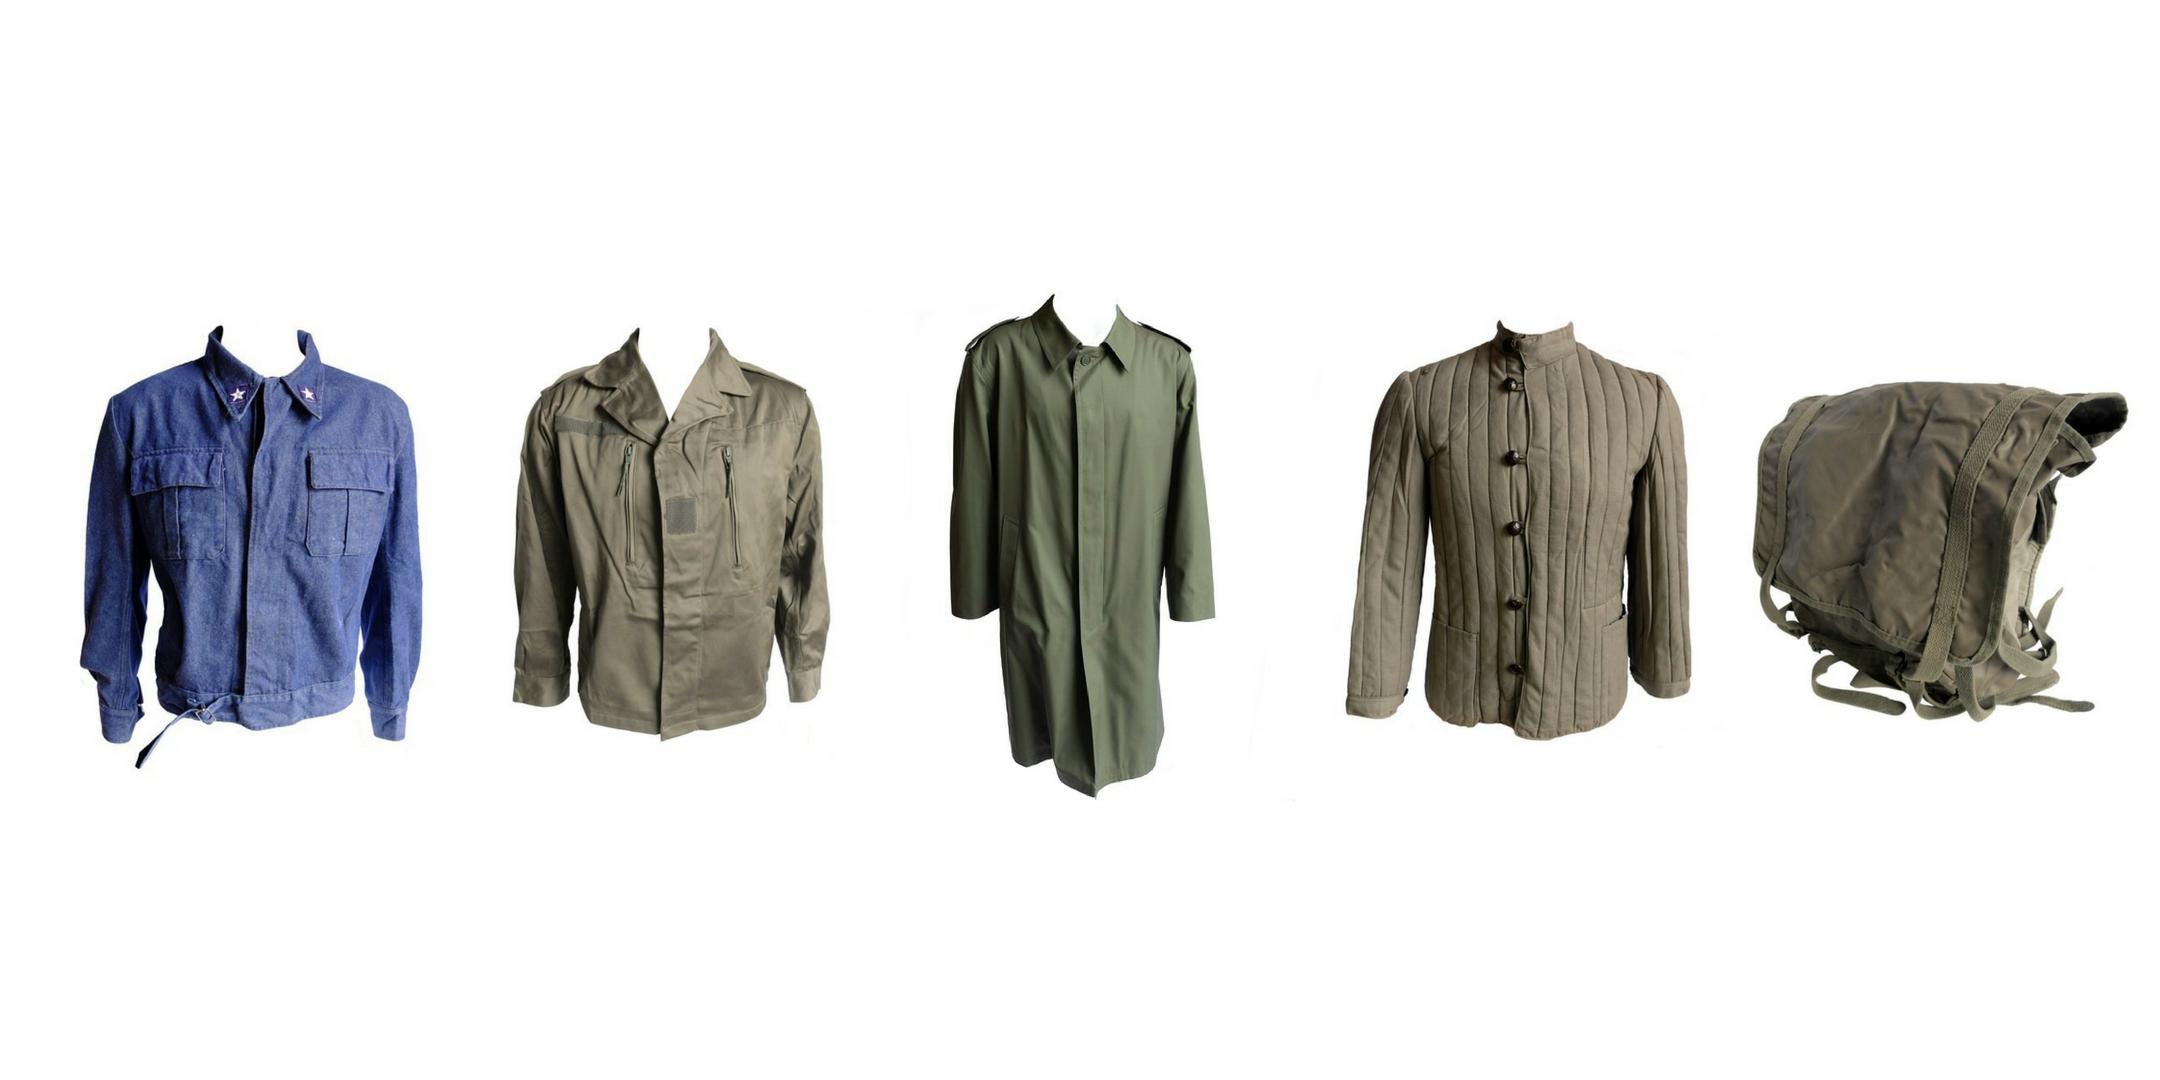 vintage, camo vintage, vintage army clothes, ethical fashion, fashion, camouflage clothing, camouflage fashion